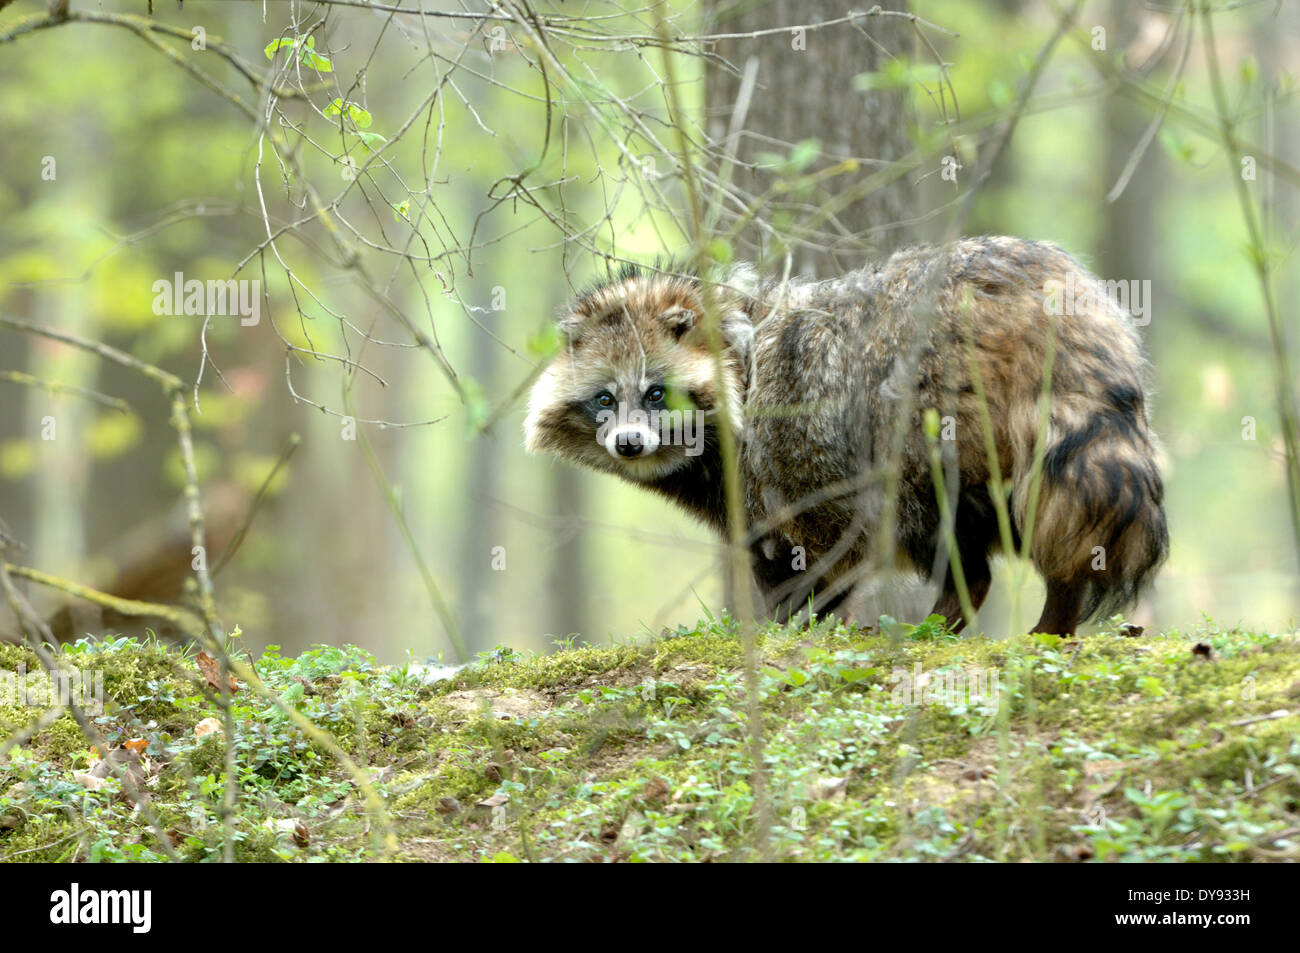 Cane procione Enok Nyctereutes procyonoides canidi predatori molla emigrato animali selvatici invasivo pelliccia animale scappare live Immagini Stock